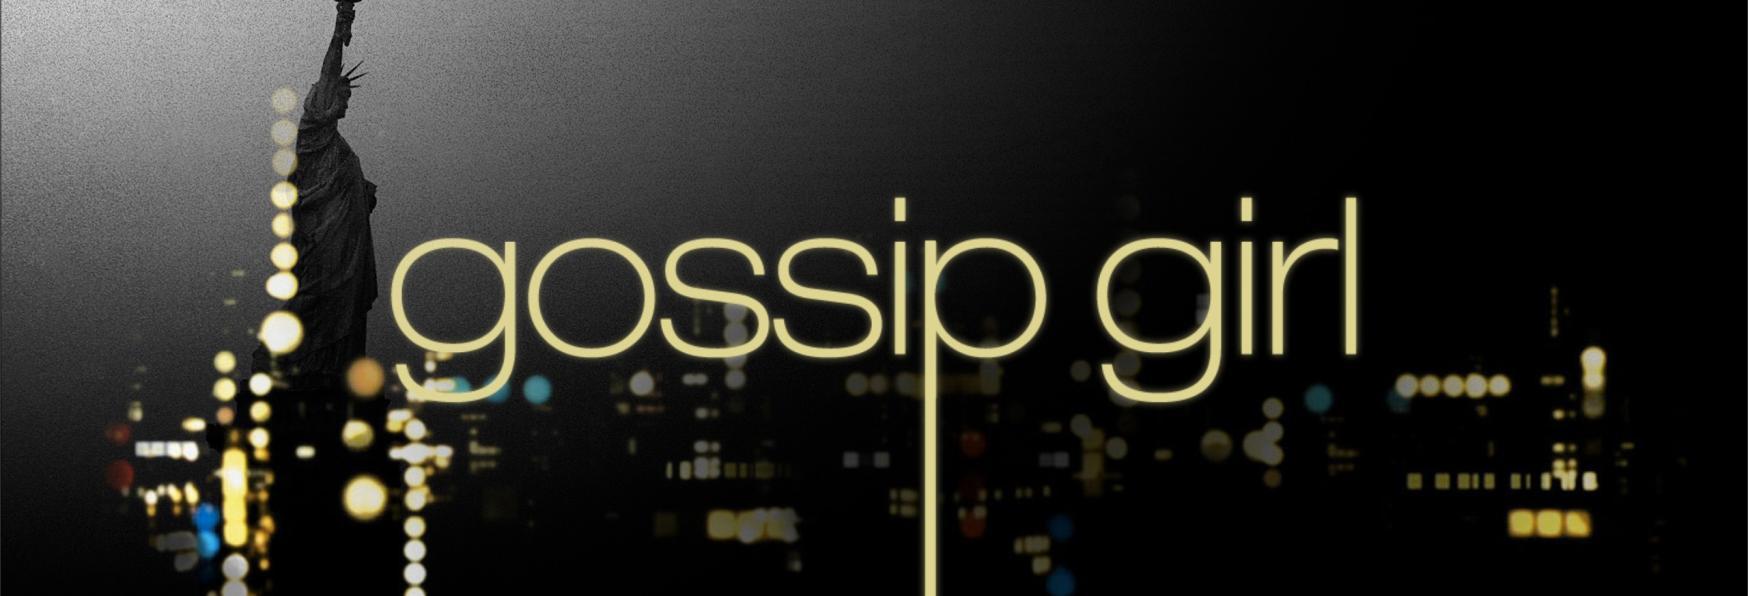 Gossip Girl: la Recensione della Serie TV targata The CW. Il nuovo Reboot sarà all'altezza?